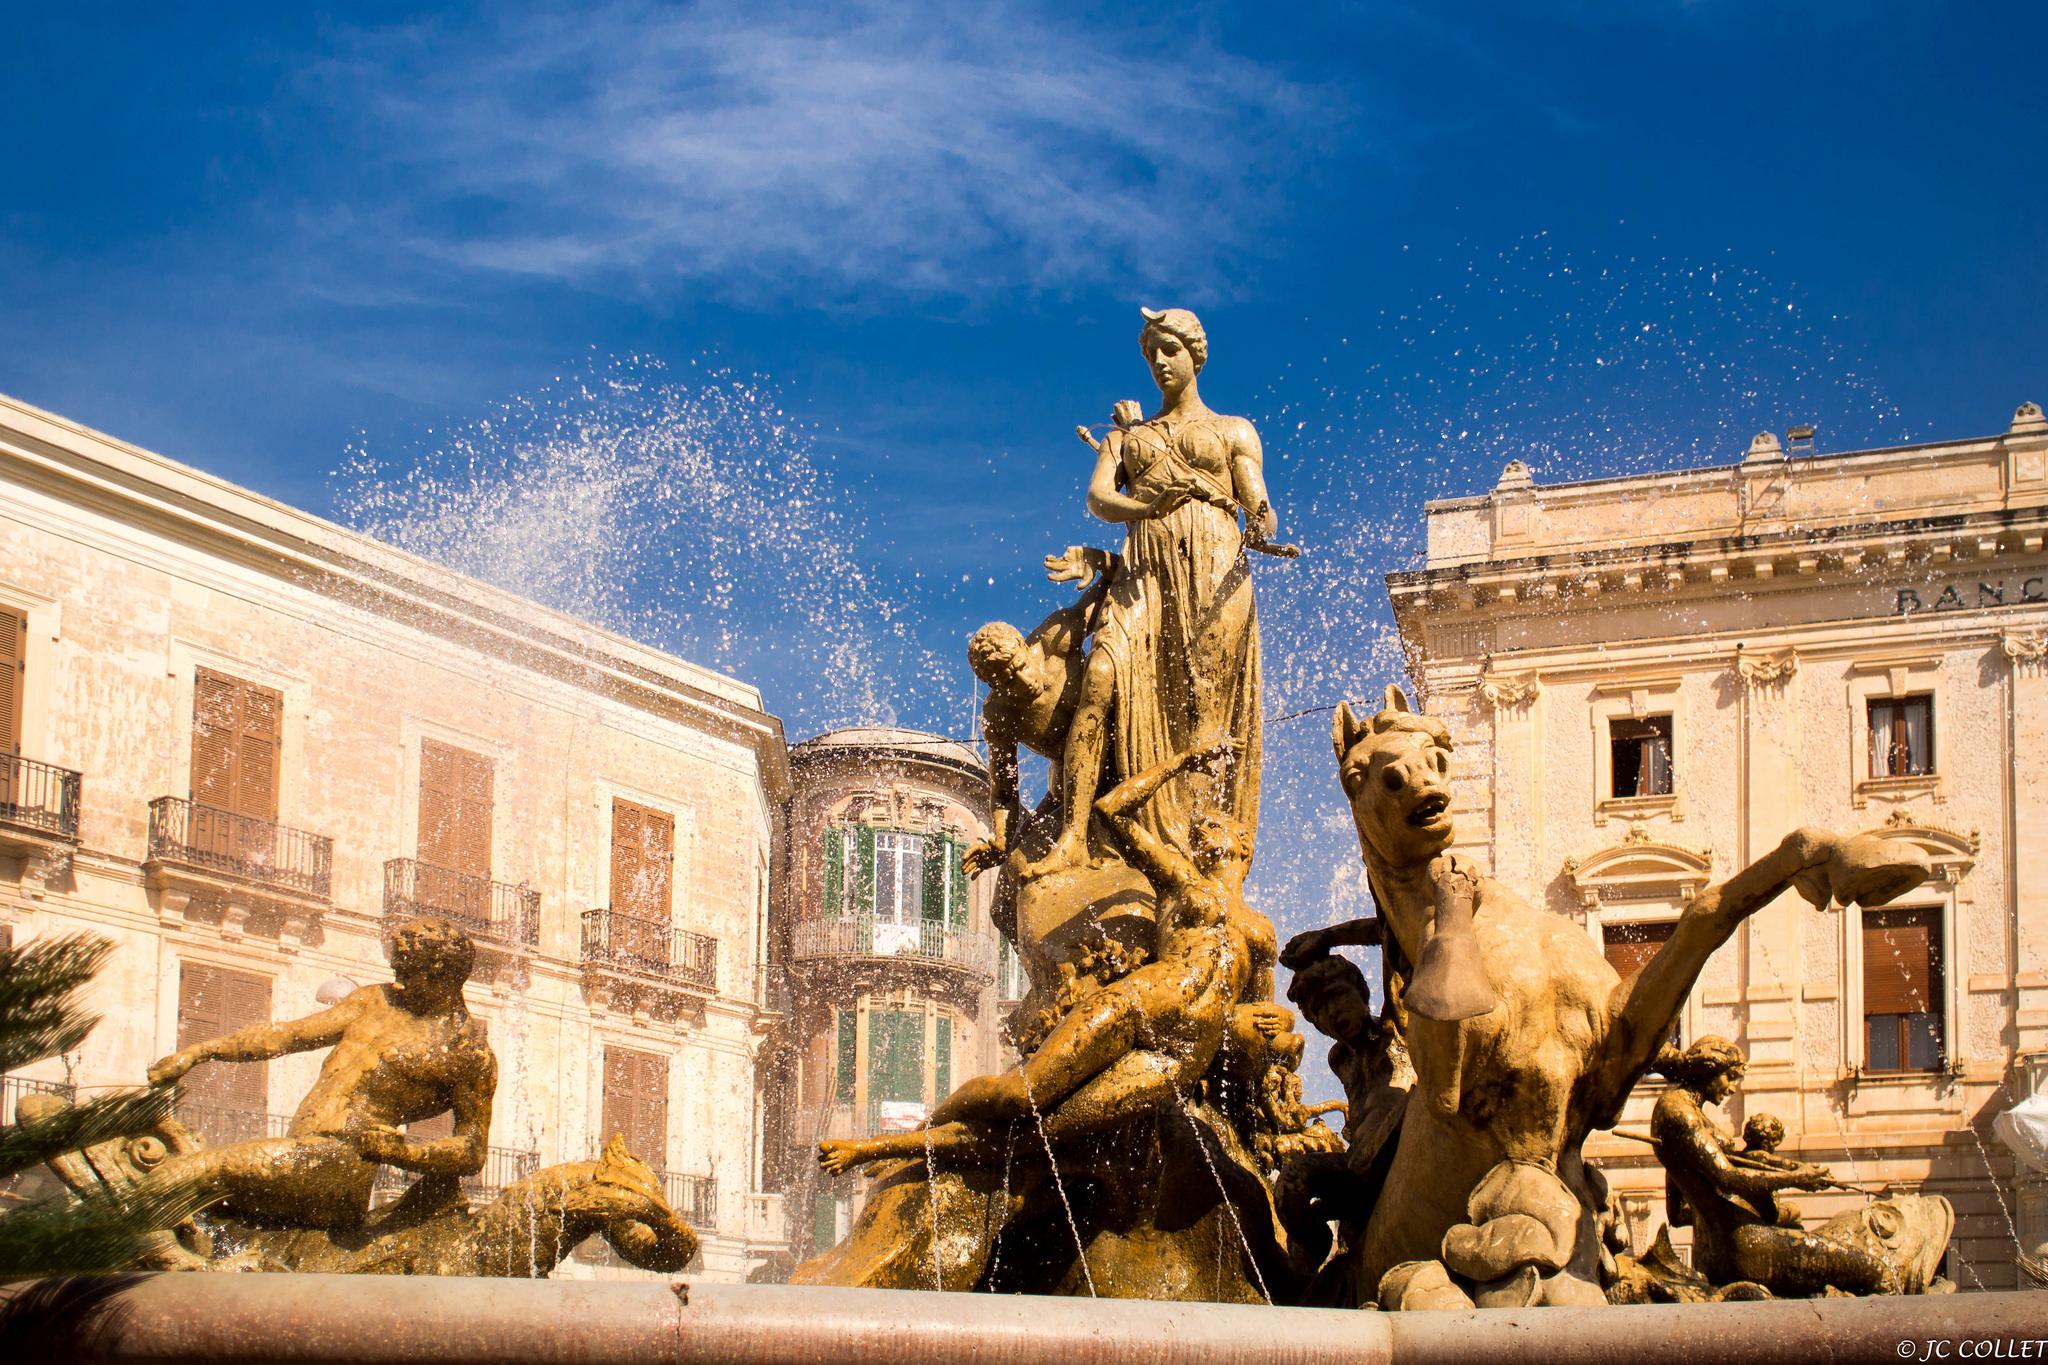 Piazza_Archimede - Fontana di Diana